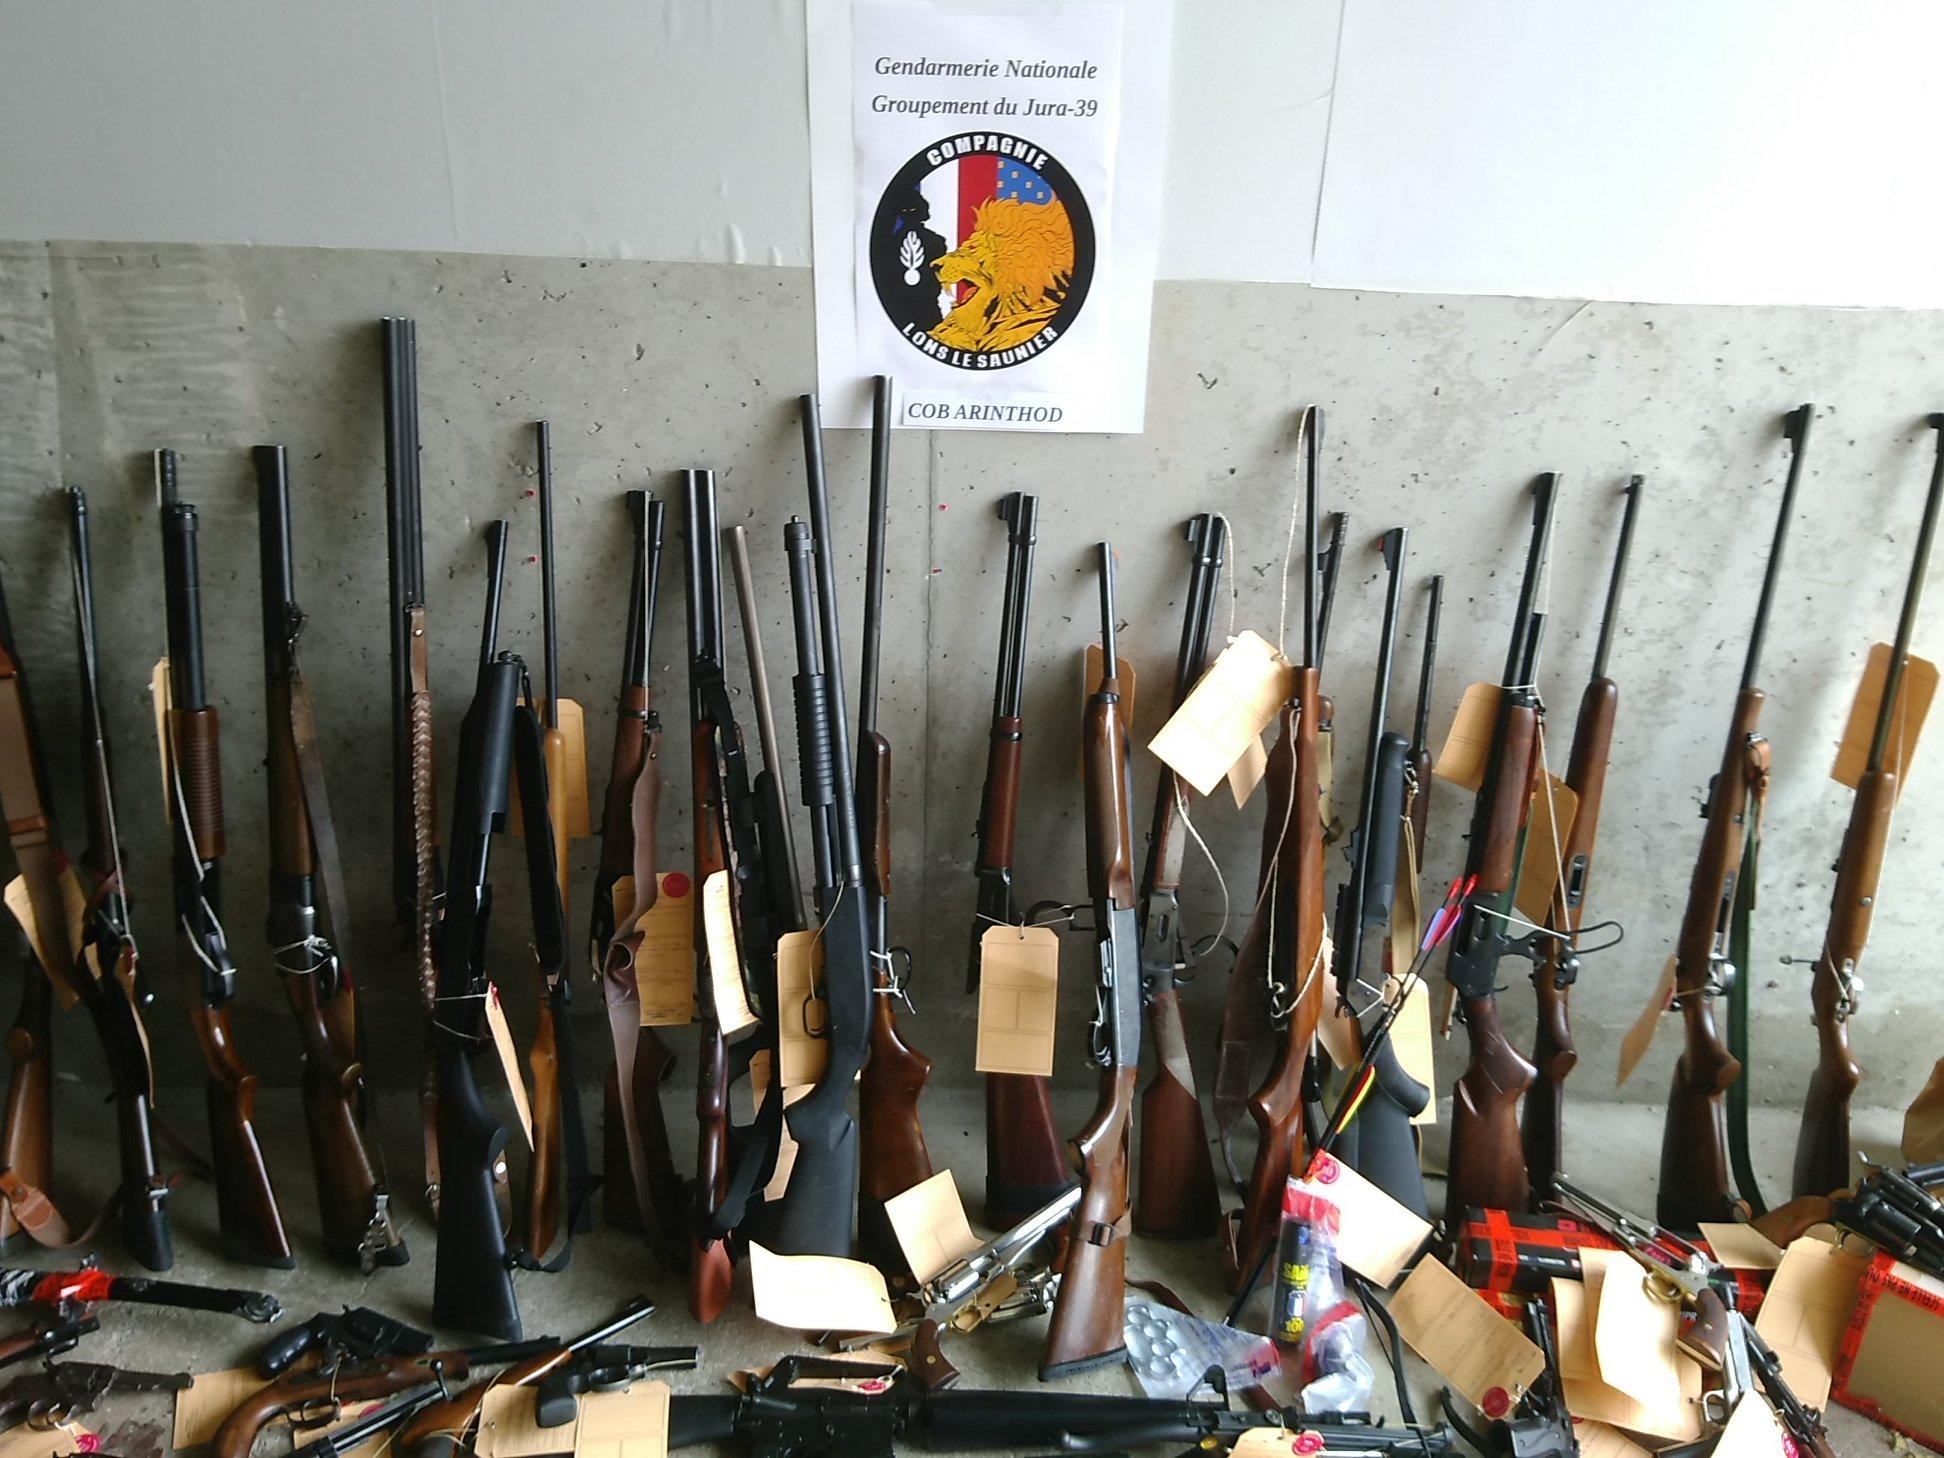 """Une grenade, 25 fusils, 36 armes de poings ou encore 88 couteaux de survie: la gendarmerie du Jura a découvert un véritable """"arsenal"""" dans la maison d'un octogénaire à Arinthod"""